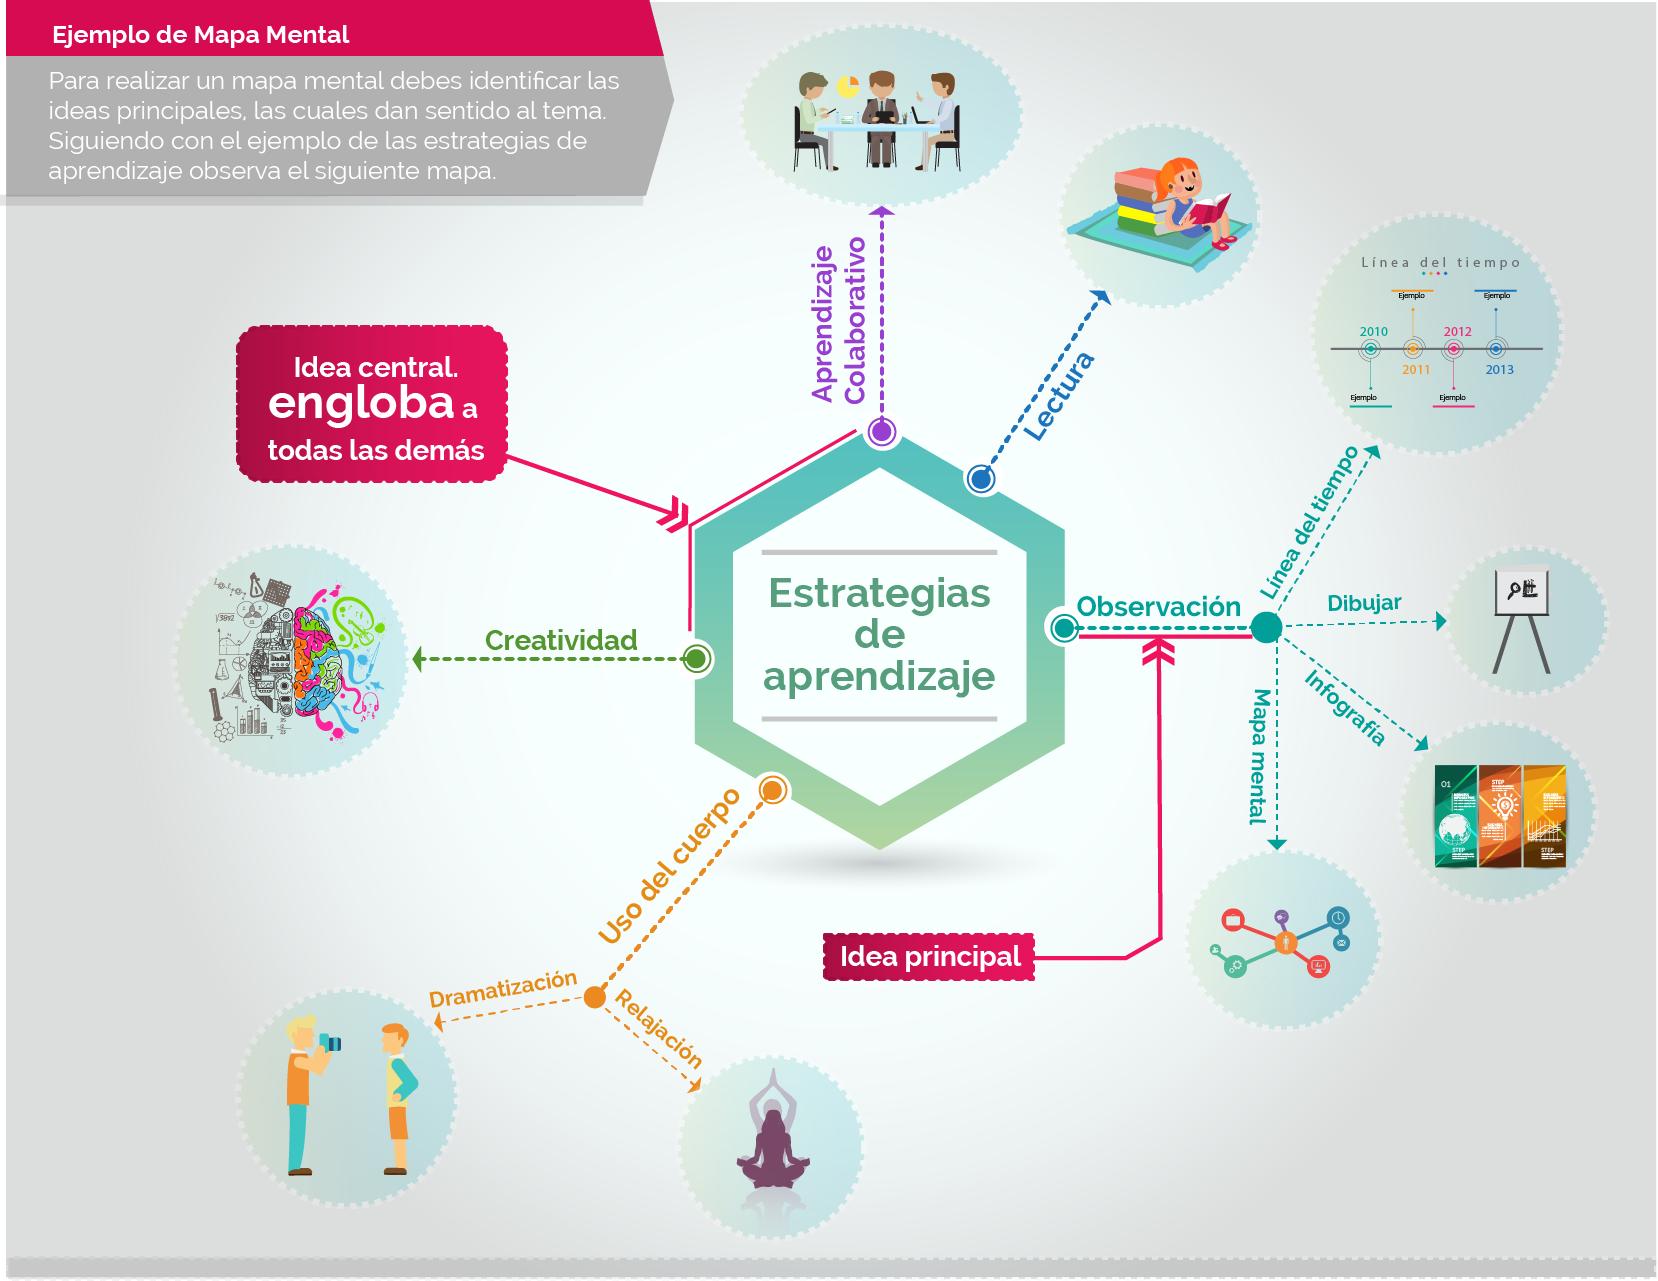 Mapa mental | 1. La observación como apoyo para el aprendizaje | Material del curso PrepaSEP005-3a | MéxicoX